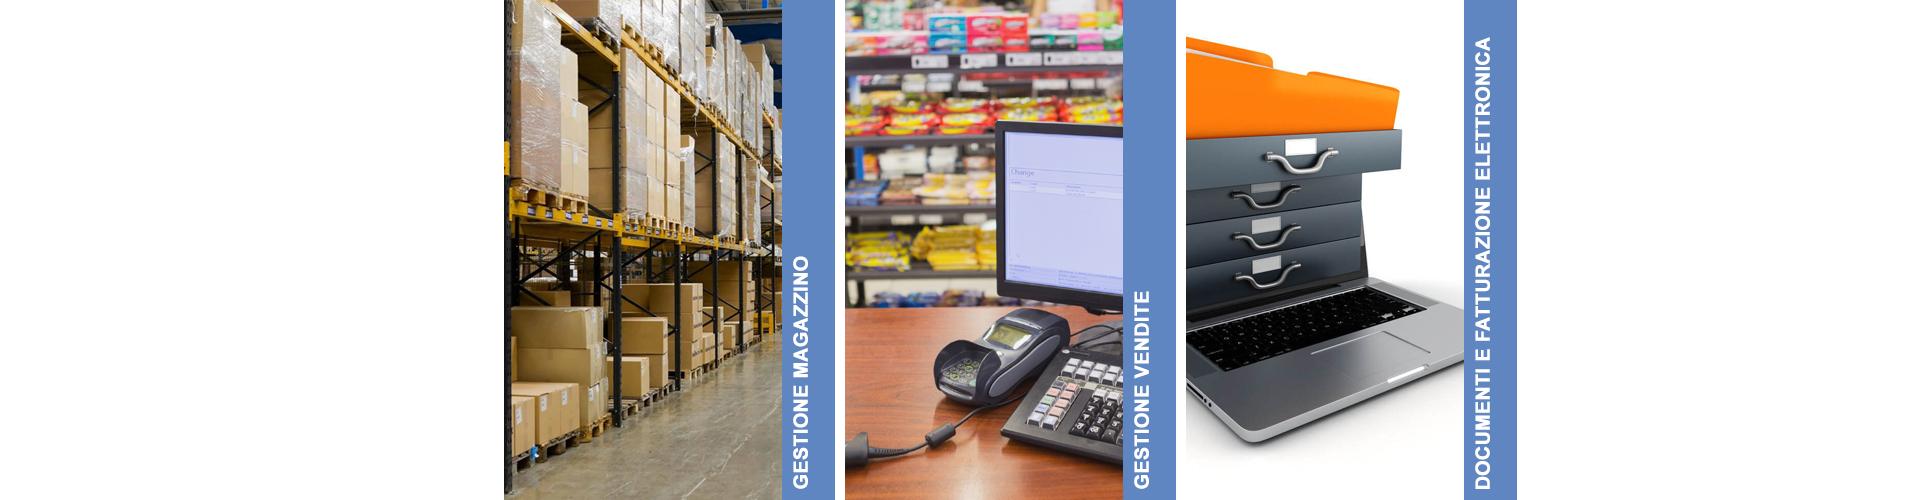 software facile tre gestione magazzino vendite documenti e fatturazione elettronica